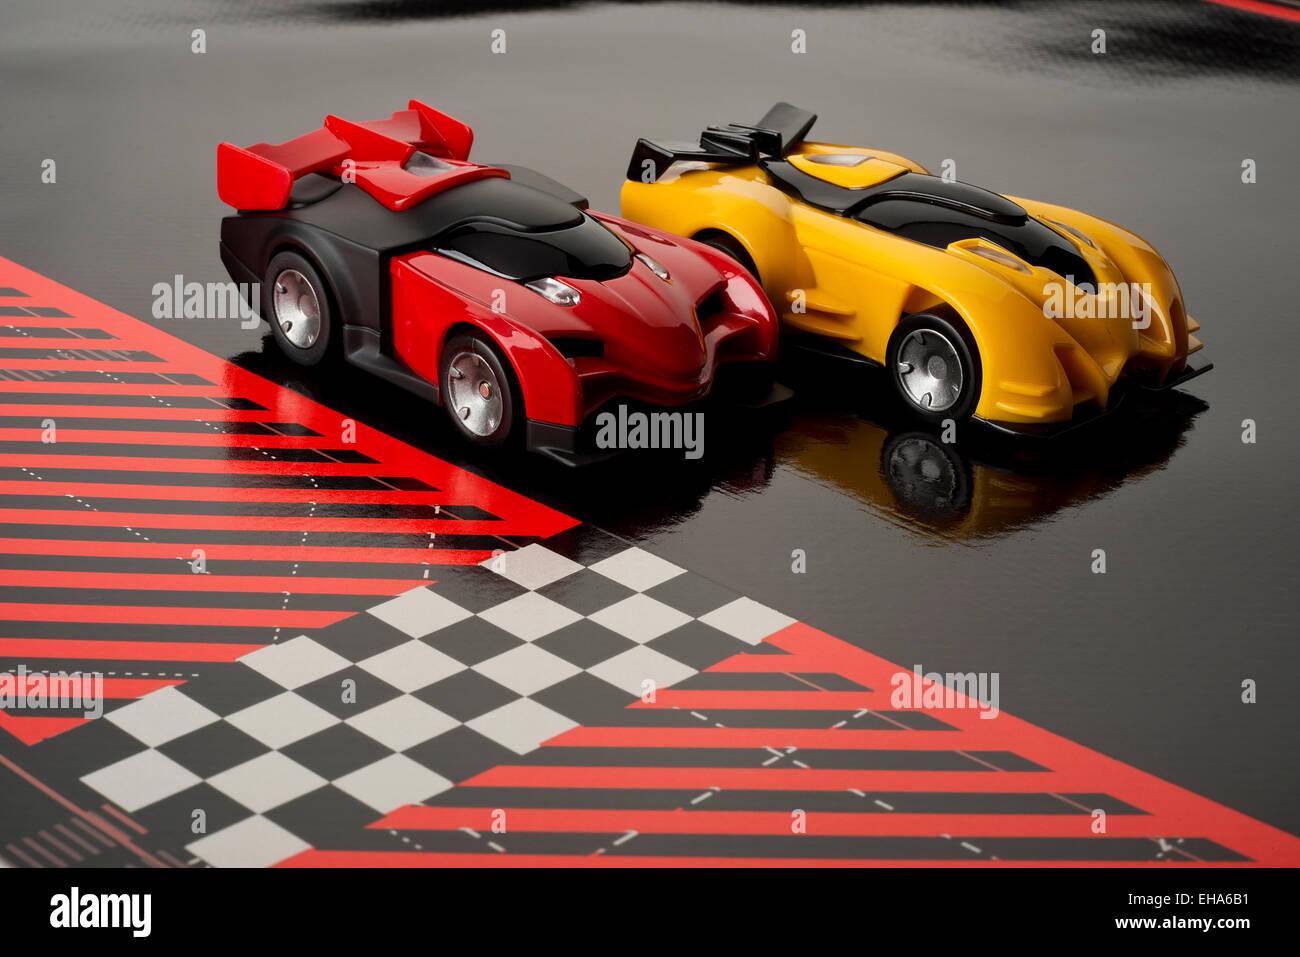 anki drive spielzeug auto spiel von ipad oder iphone betrieben